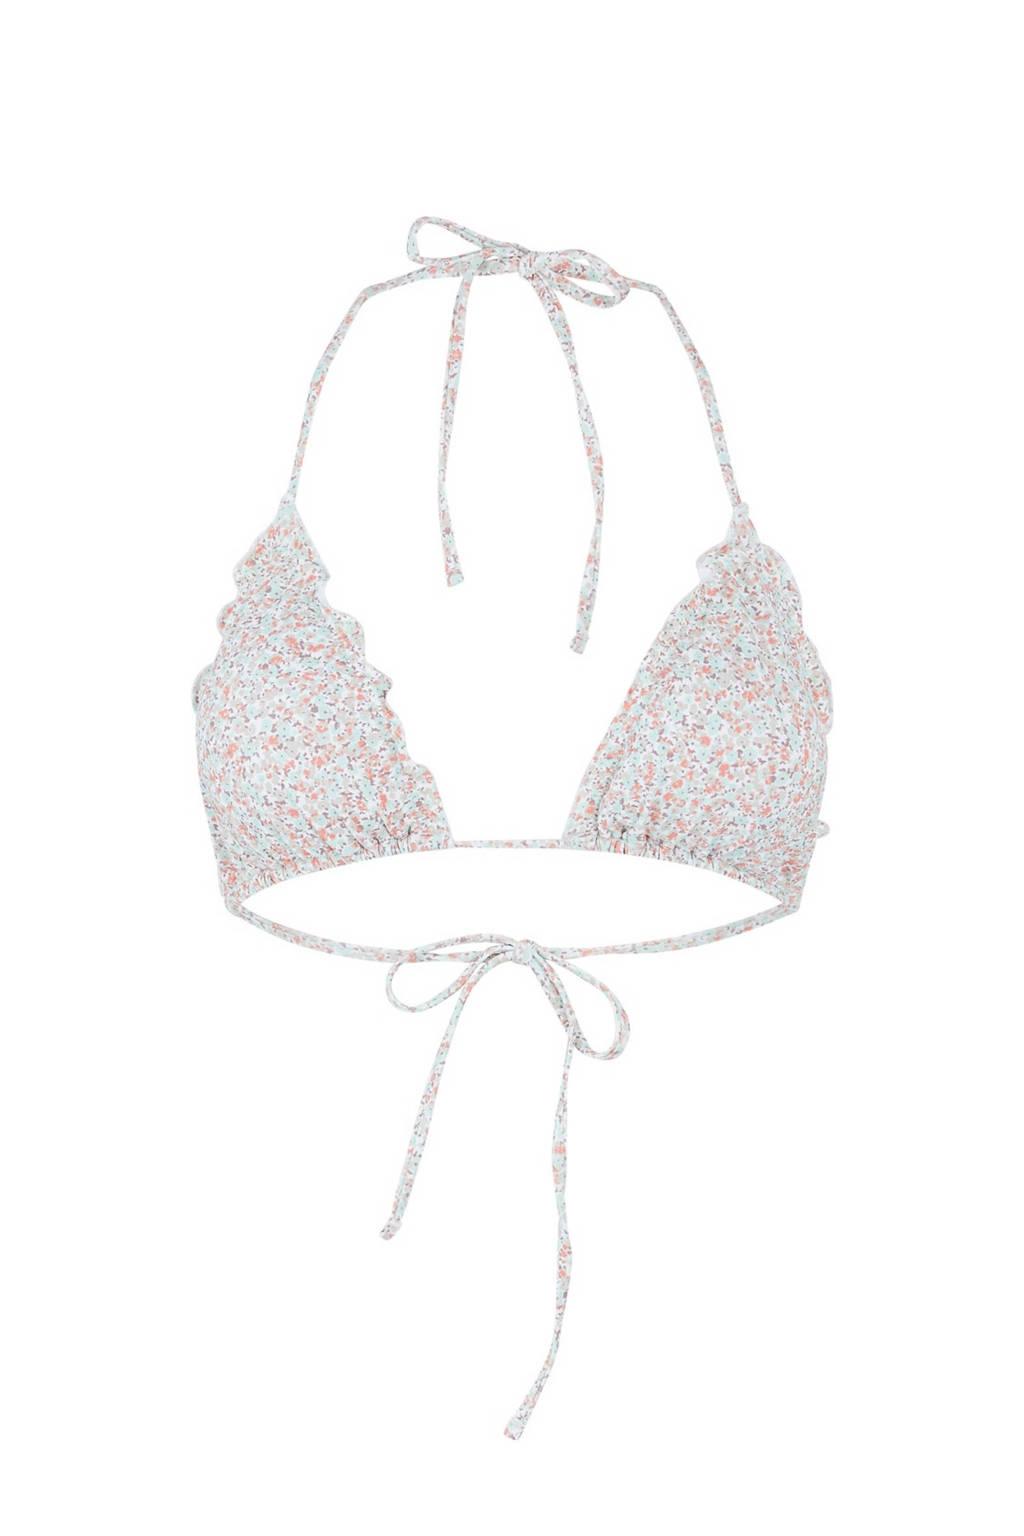 PIECES gebloemde triangel bikinitop Gaby lichtblauw, Lichtblauw